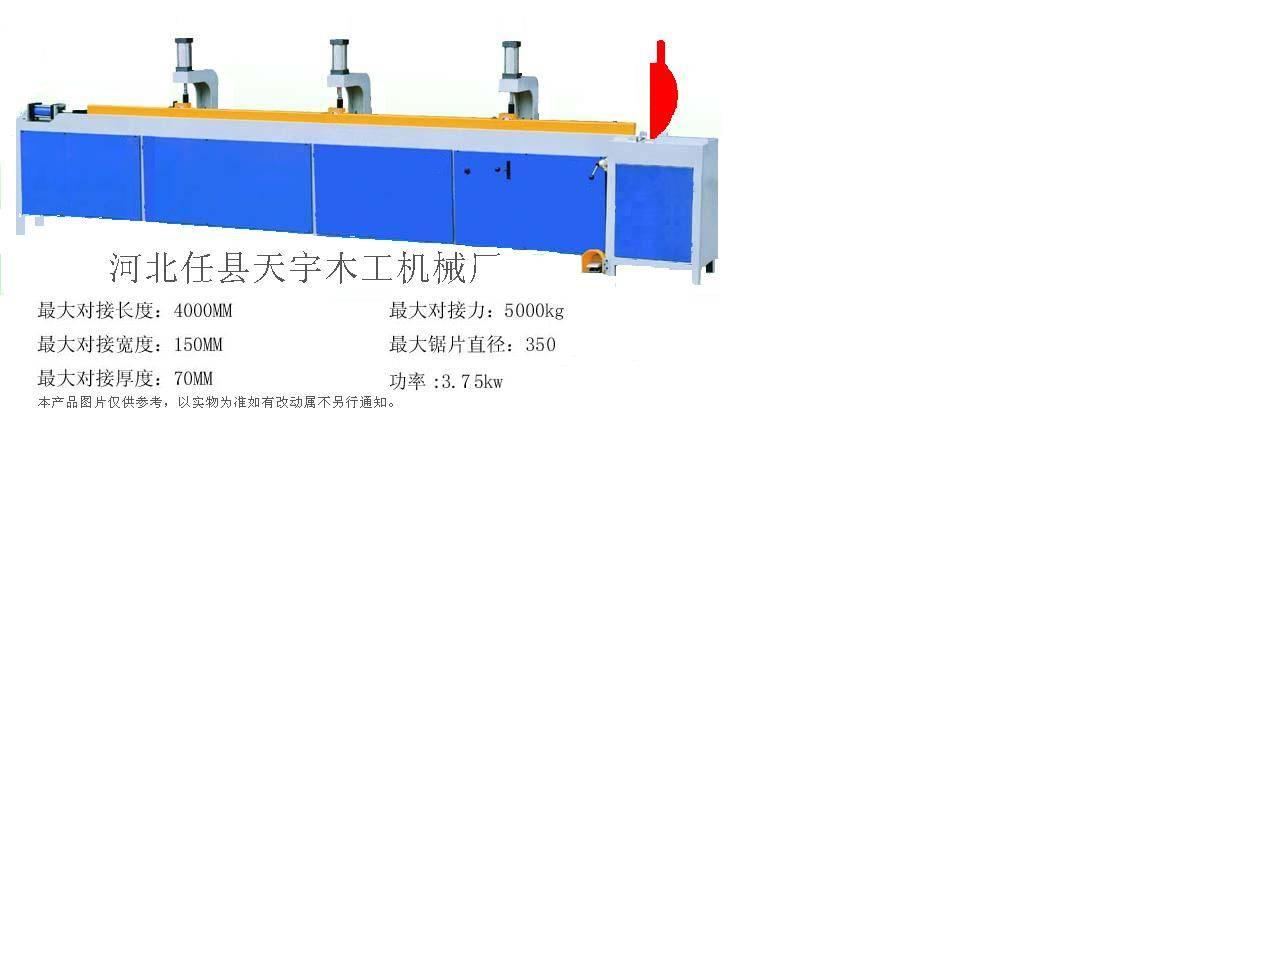 河北任县天宇木工机械厂是专业生产木工的机械厂,其主要产品有MX4010 MX4012 MX4014 MX4016型全气动梳齿机和MH1531 MH1540 MH1560型全气动型/油压型对接机.还可以根具用户的要求定做.其产品主要针对细木工板厂,建筑方木,包装箱木条,和各种木料的短料再生利用/使用户节约生产成本.